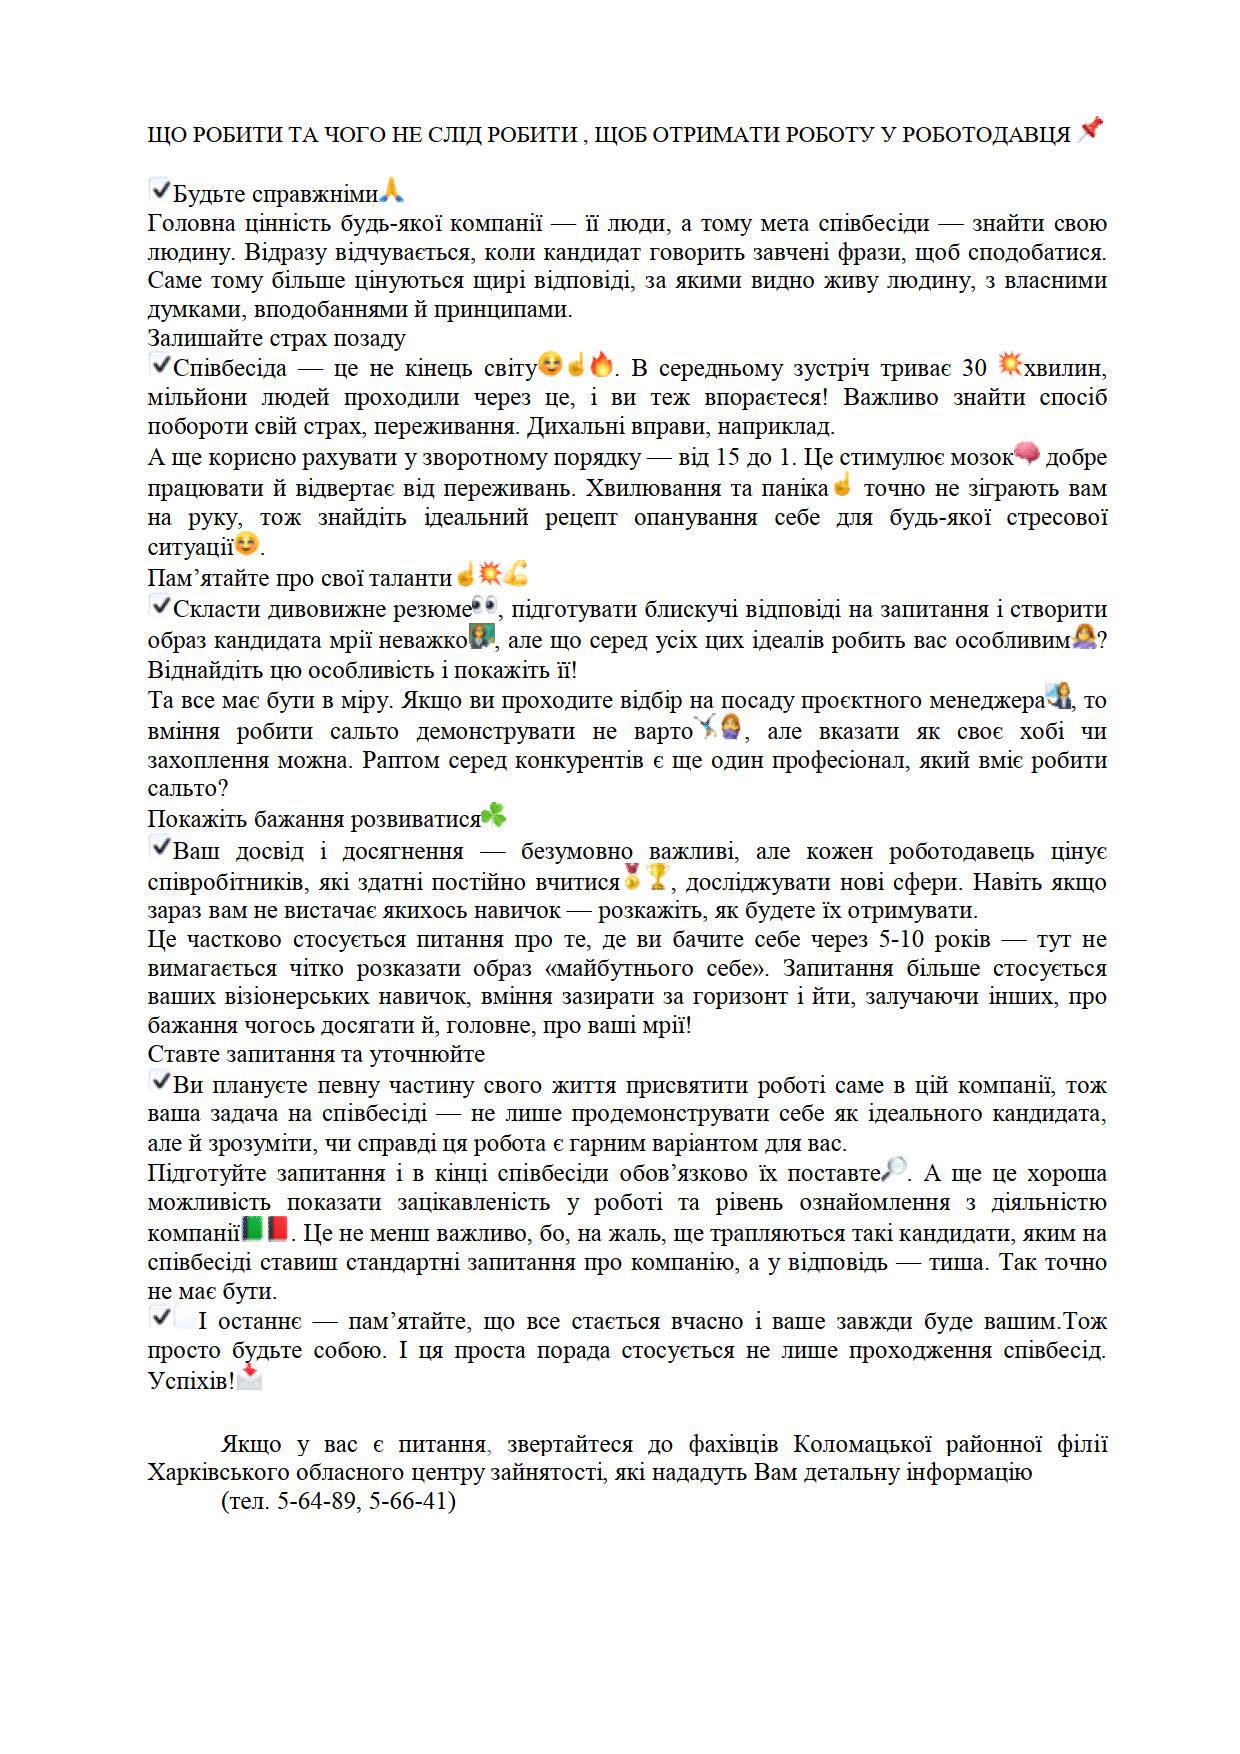 Microsoft Word - Що потрібно робити_1